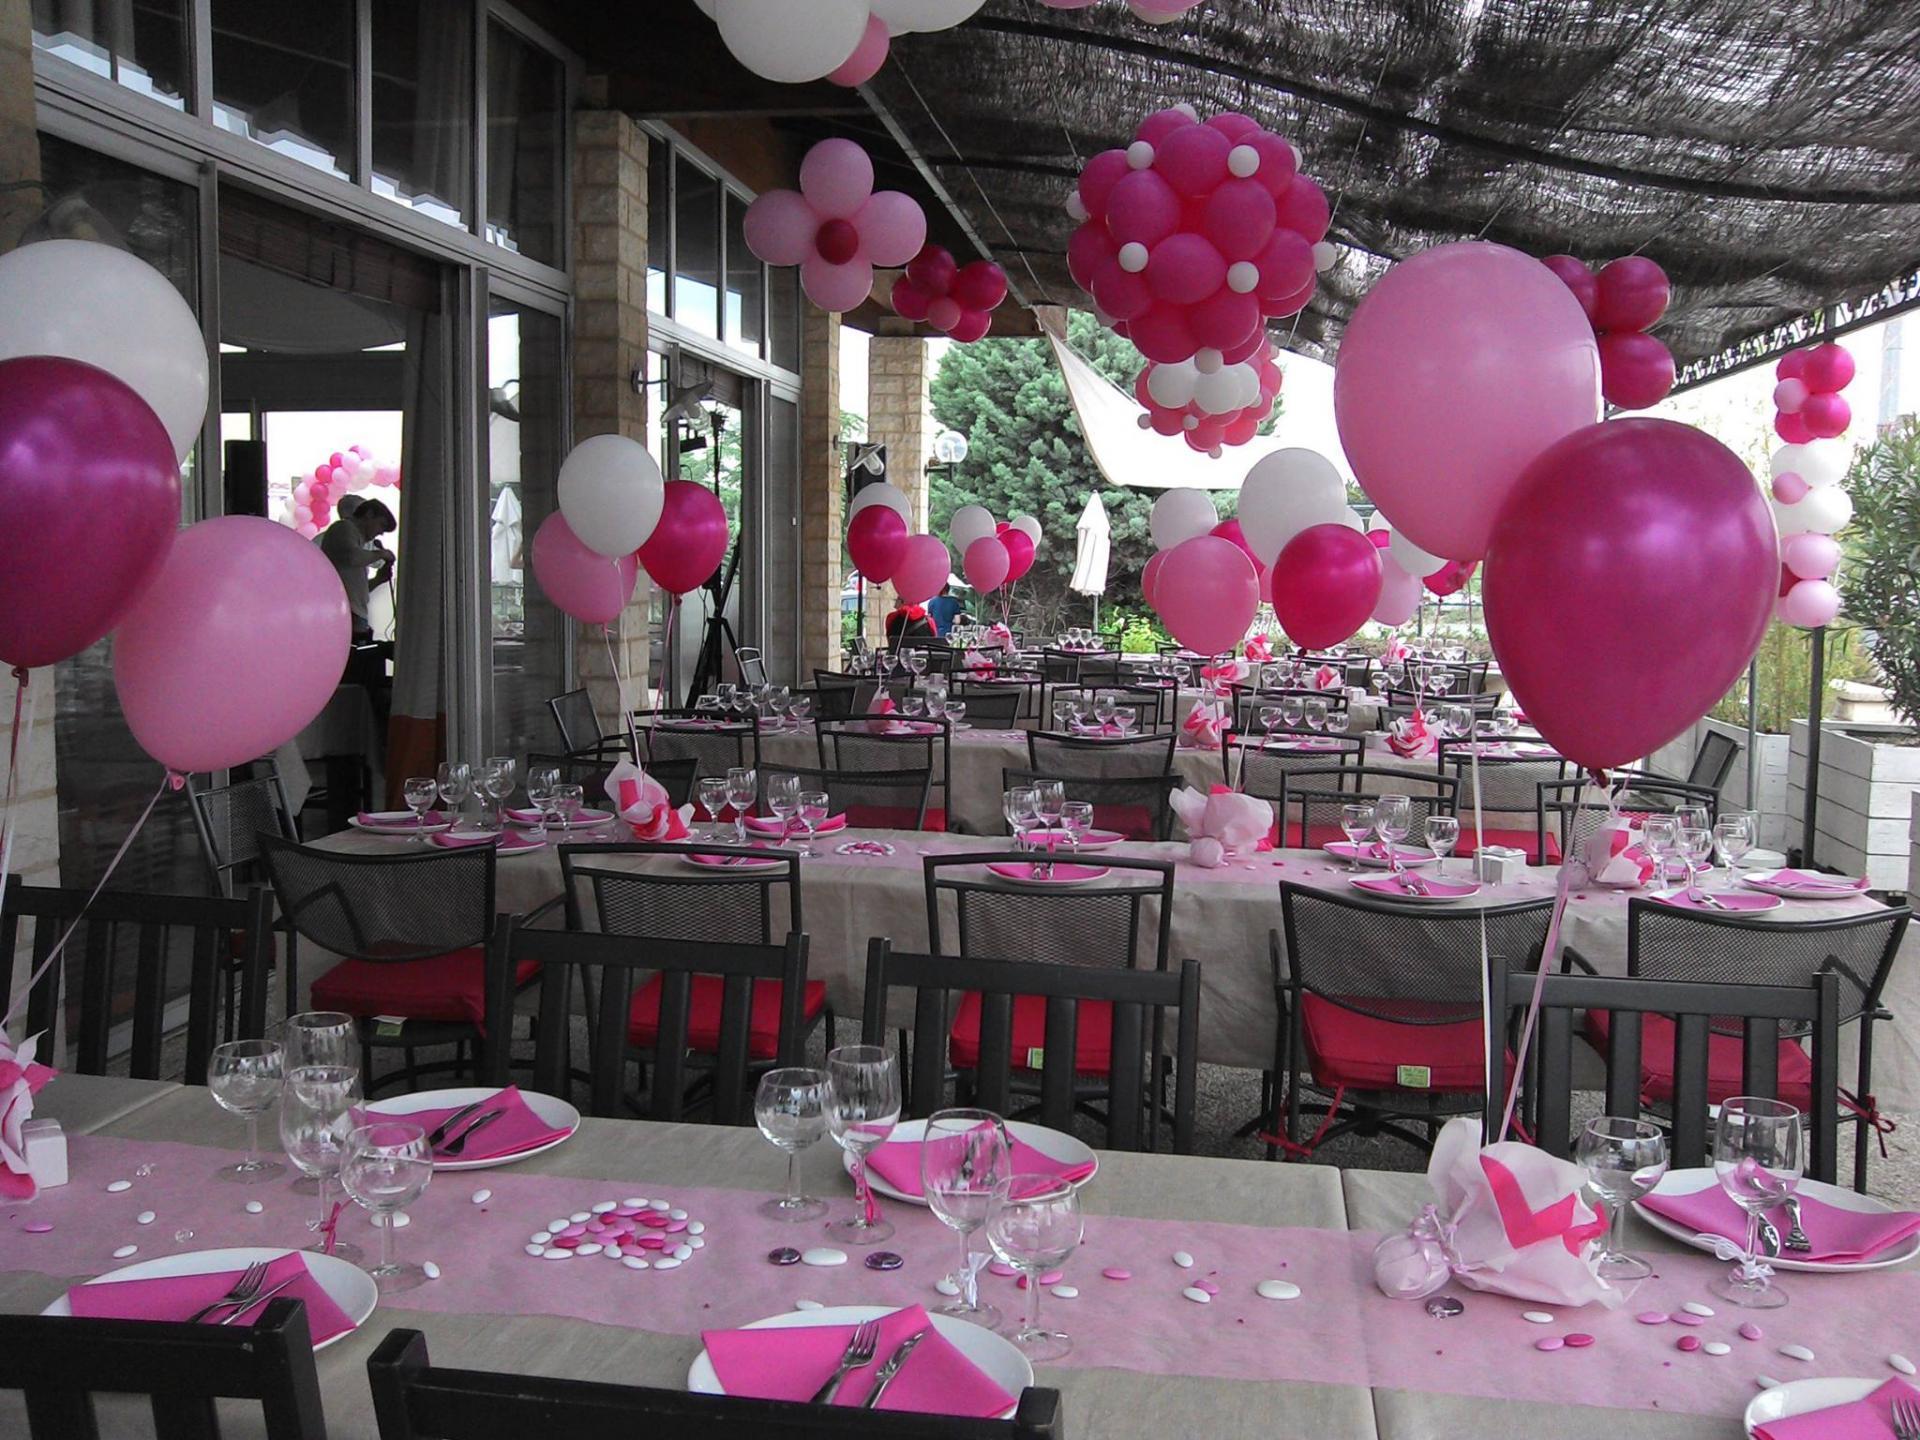 Dcoration Ballons Pour Mariage Prestation Dcor En Ballon